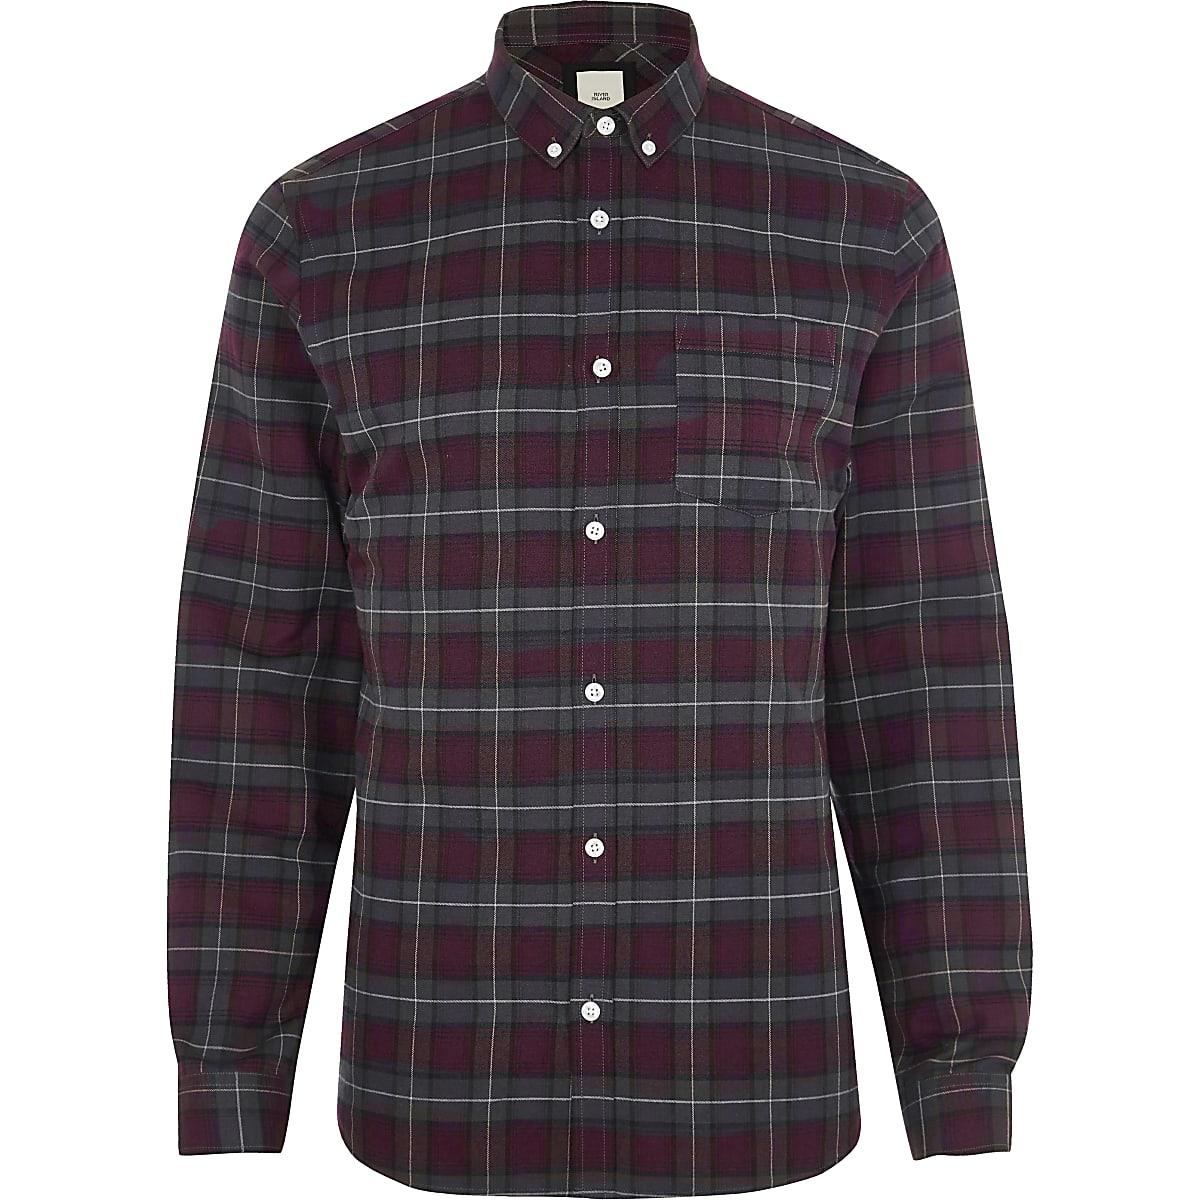 Chemise casual à carreaux rouge baie